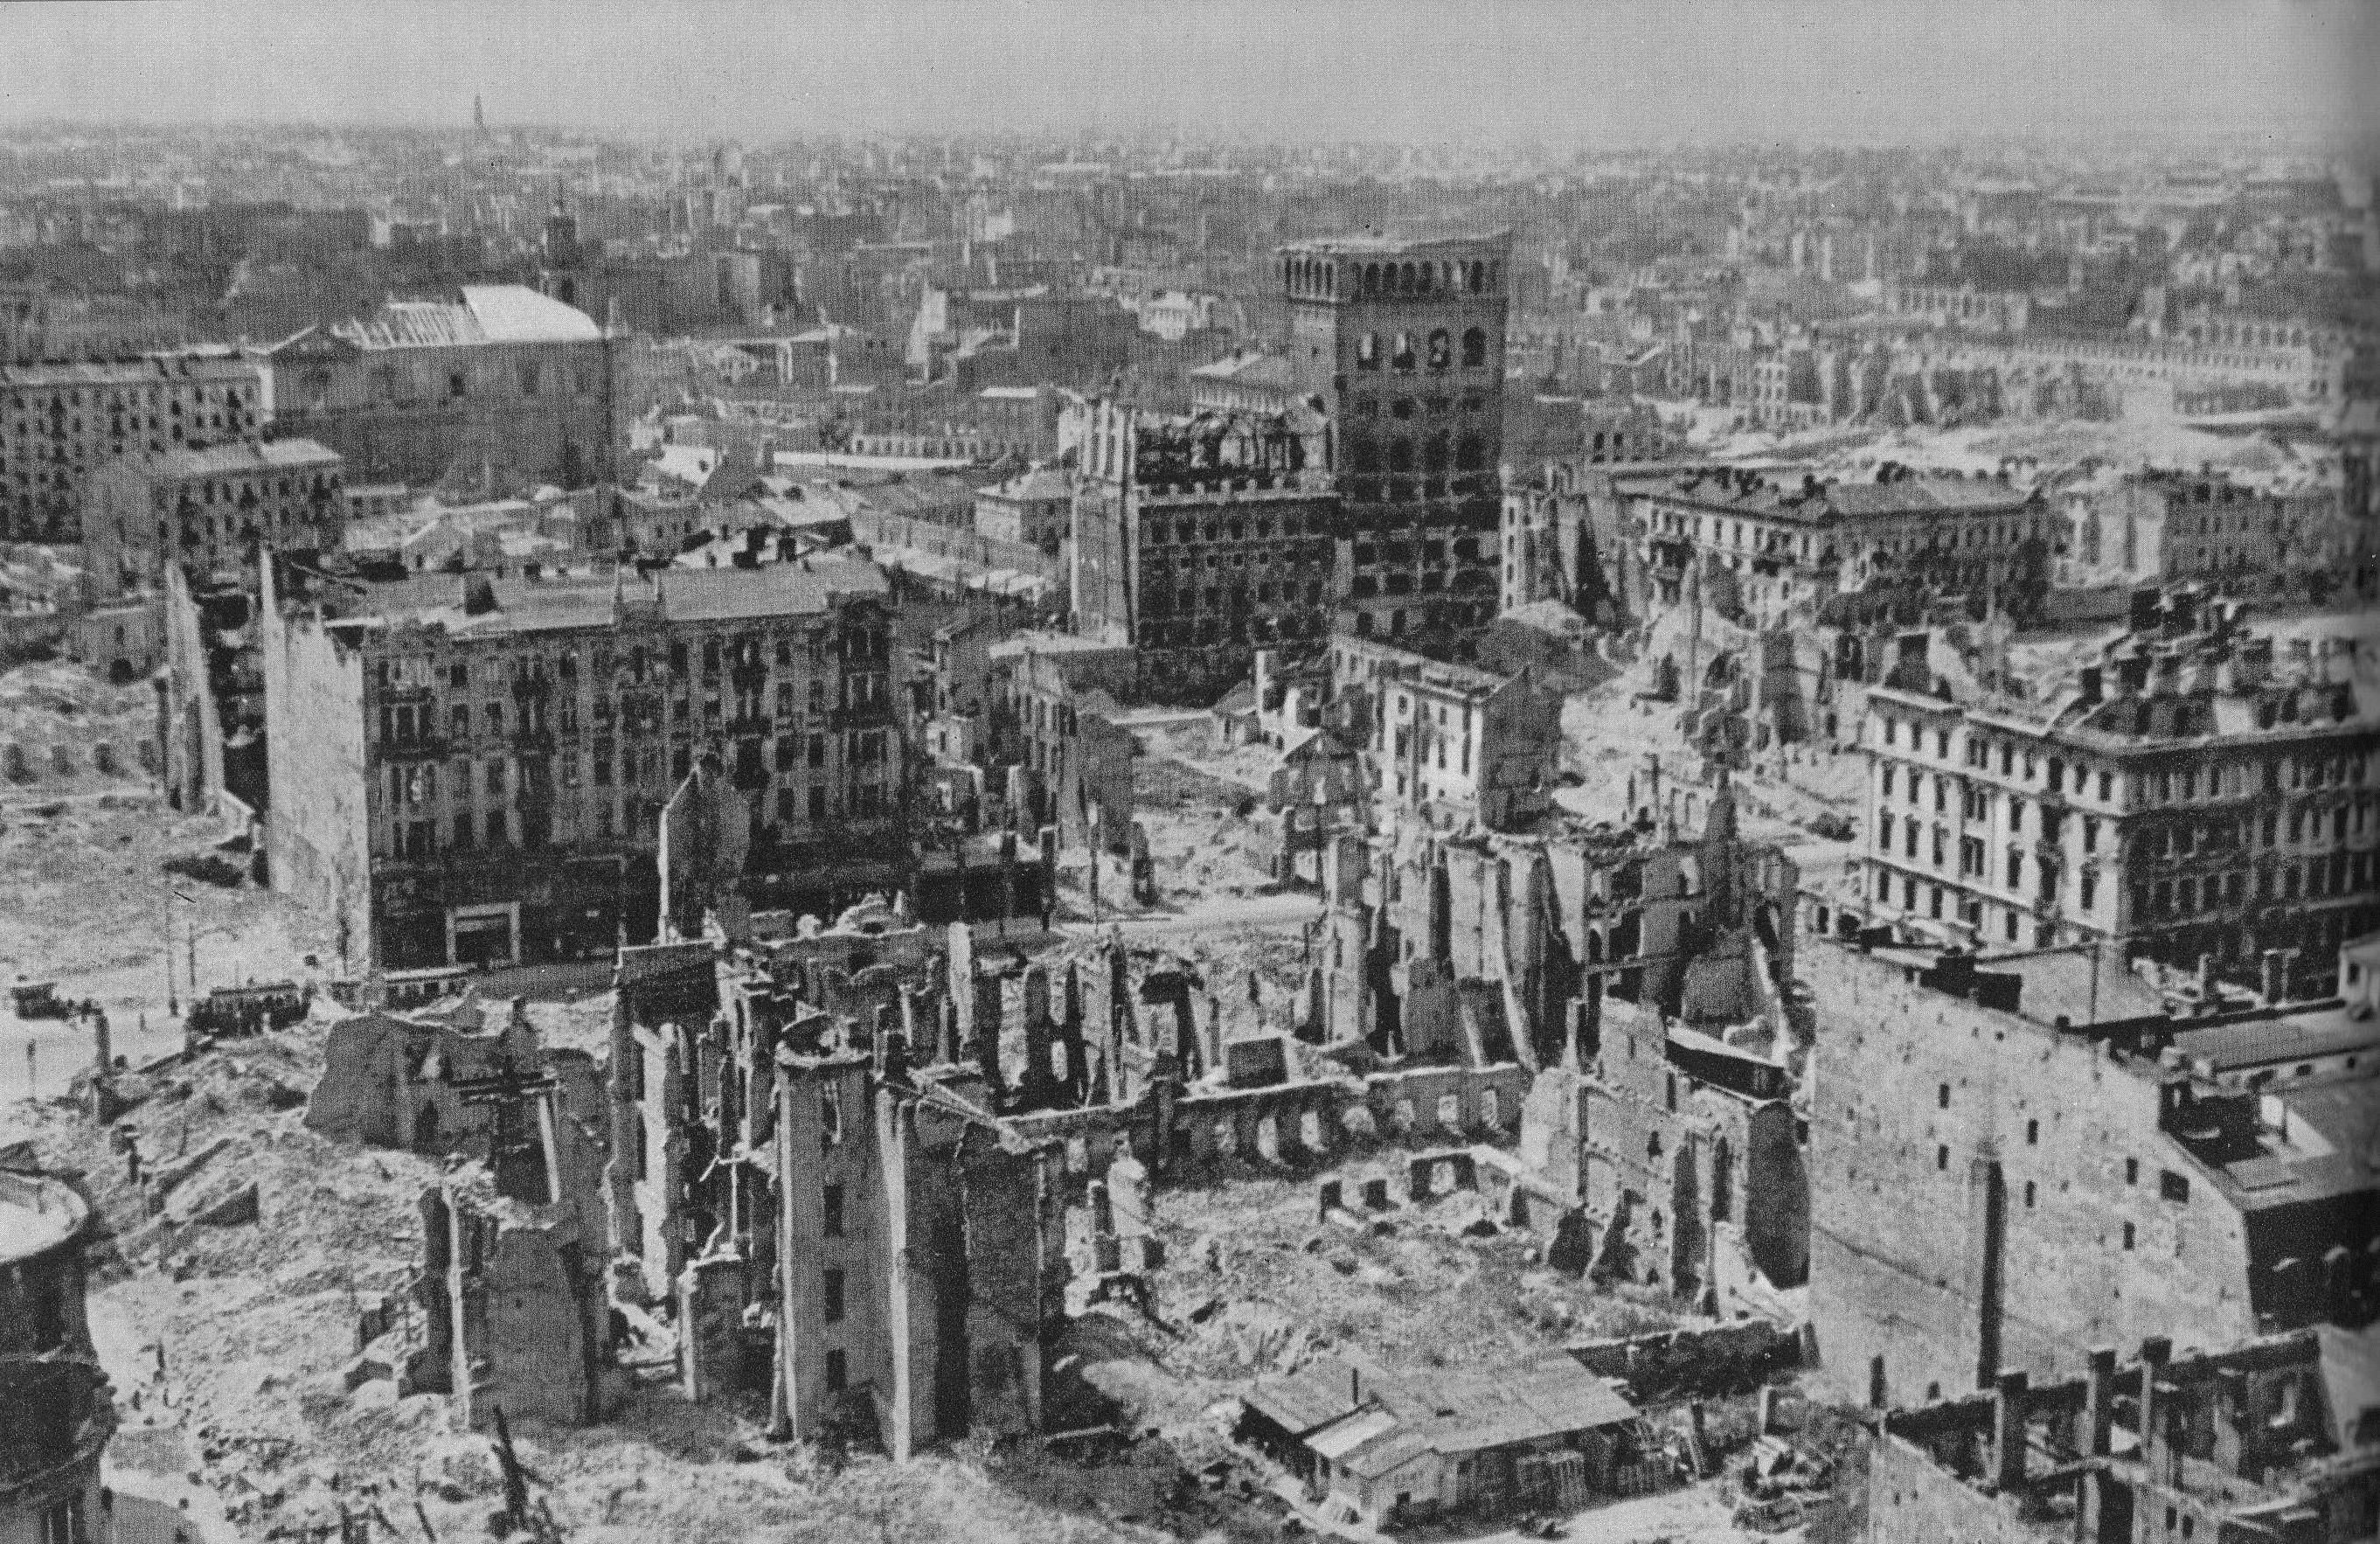 Znalezione obrazy dla zapytania zdjęcie warszawy po wojnie